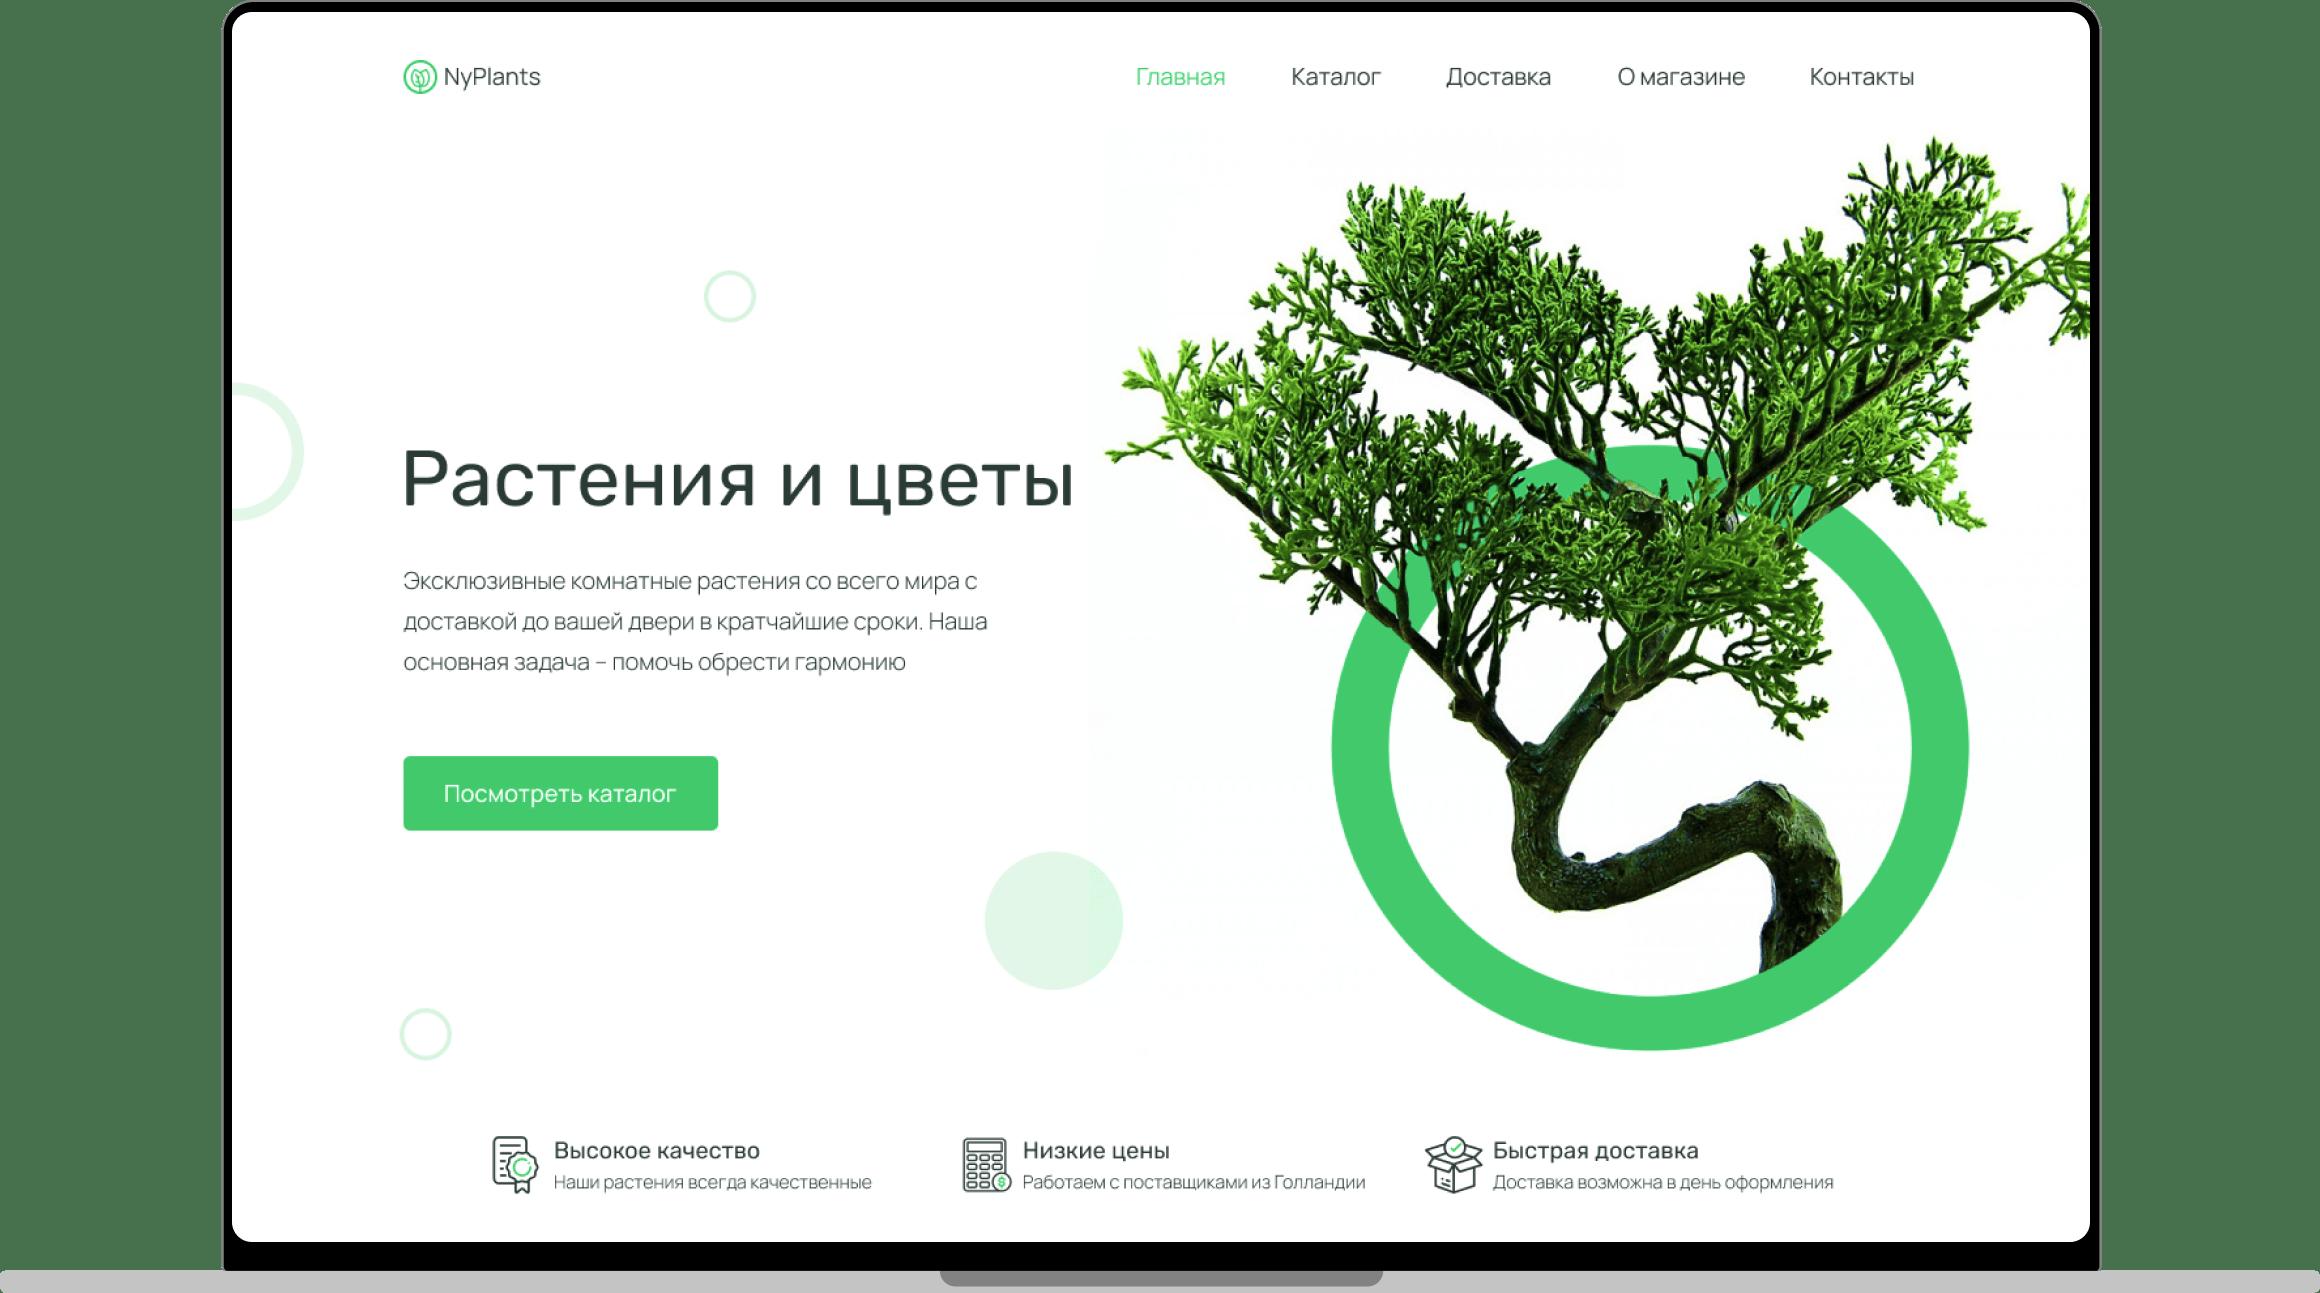 интернет-магазин растений